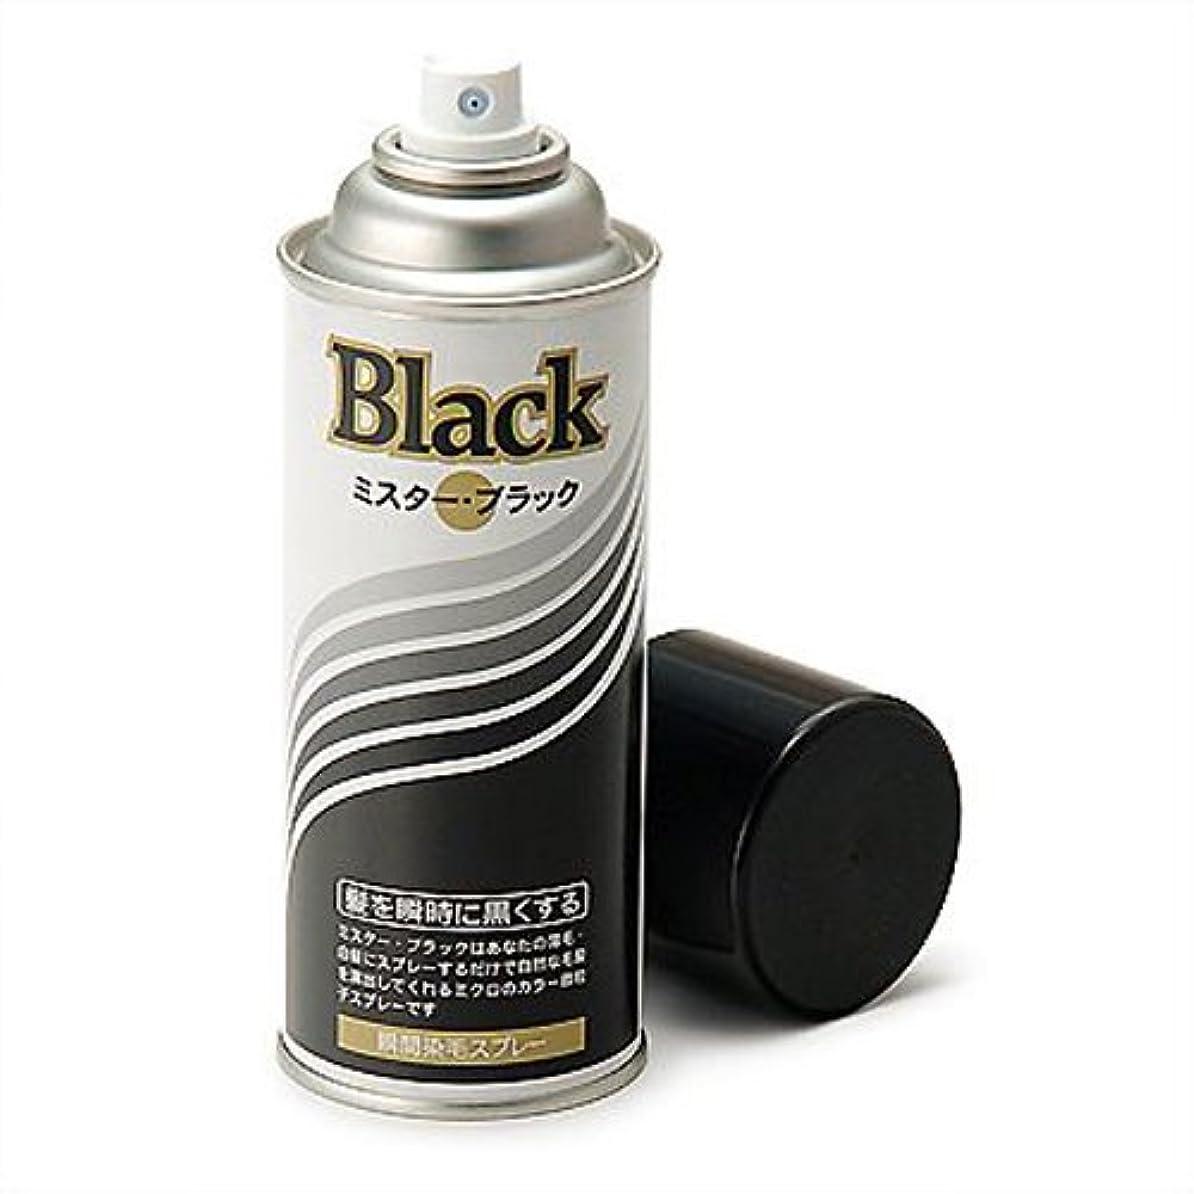 側面主張暗い増毛スプレー剤で薄毛を瞬時で増毛にするミスターブラック1本